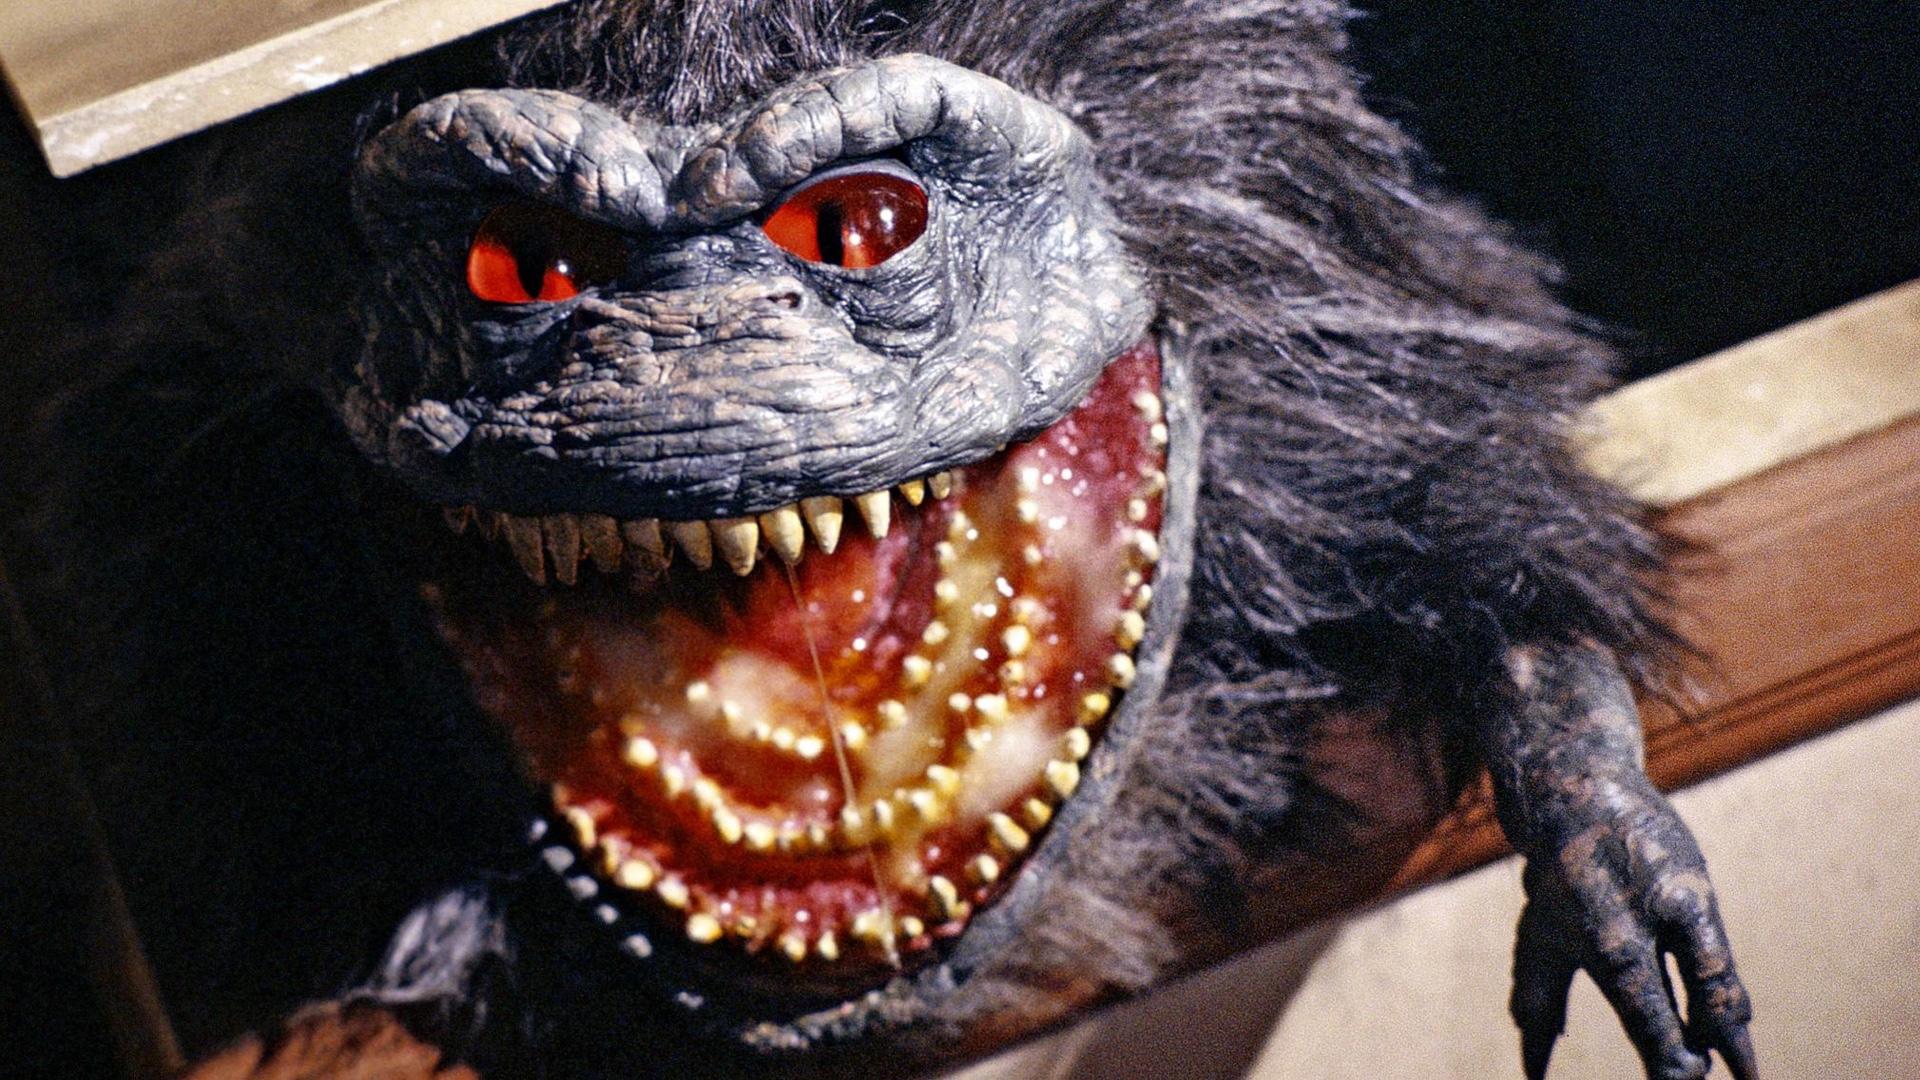 'Critters Attack!' obtiene calificación R